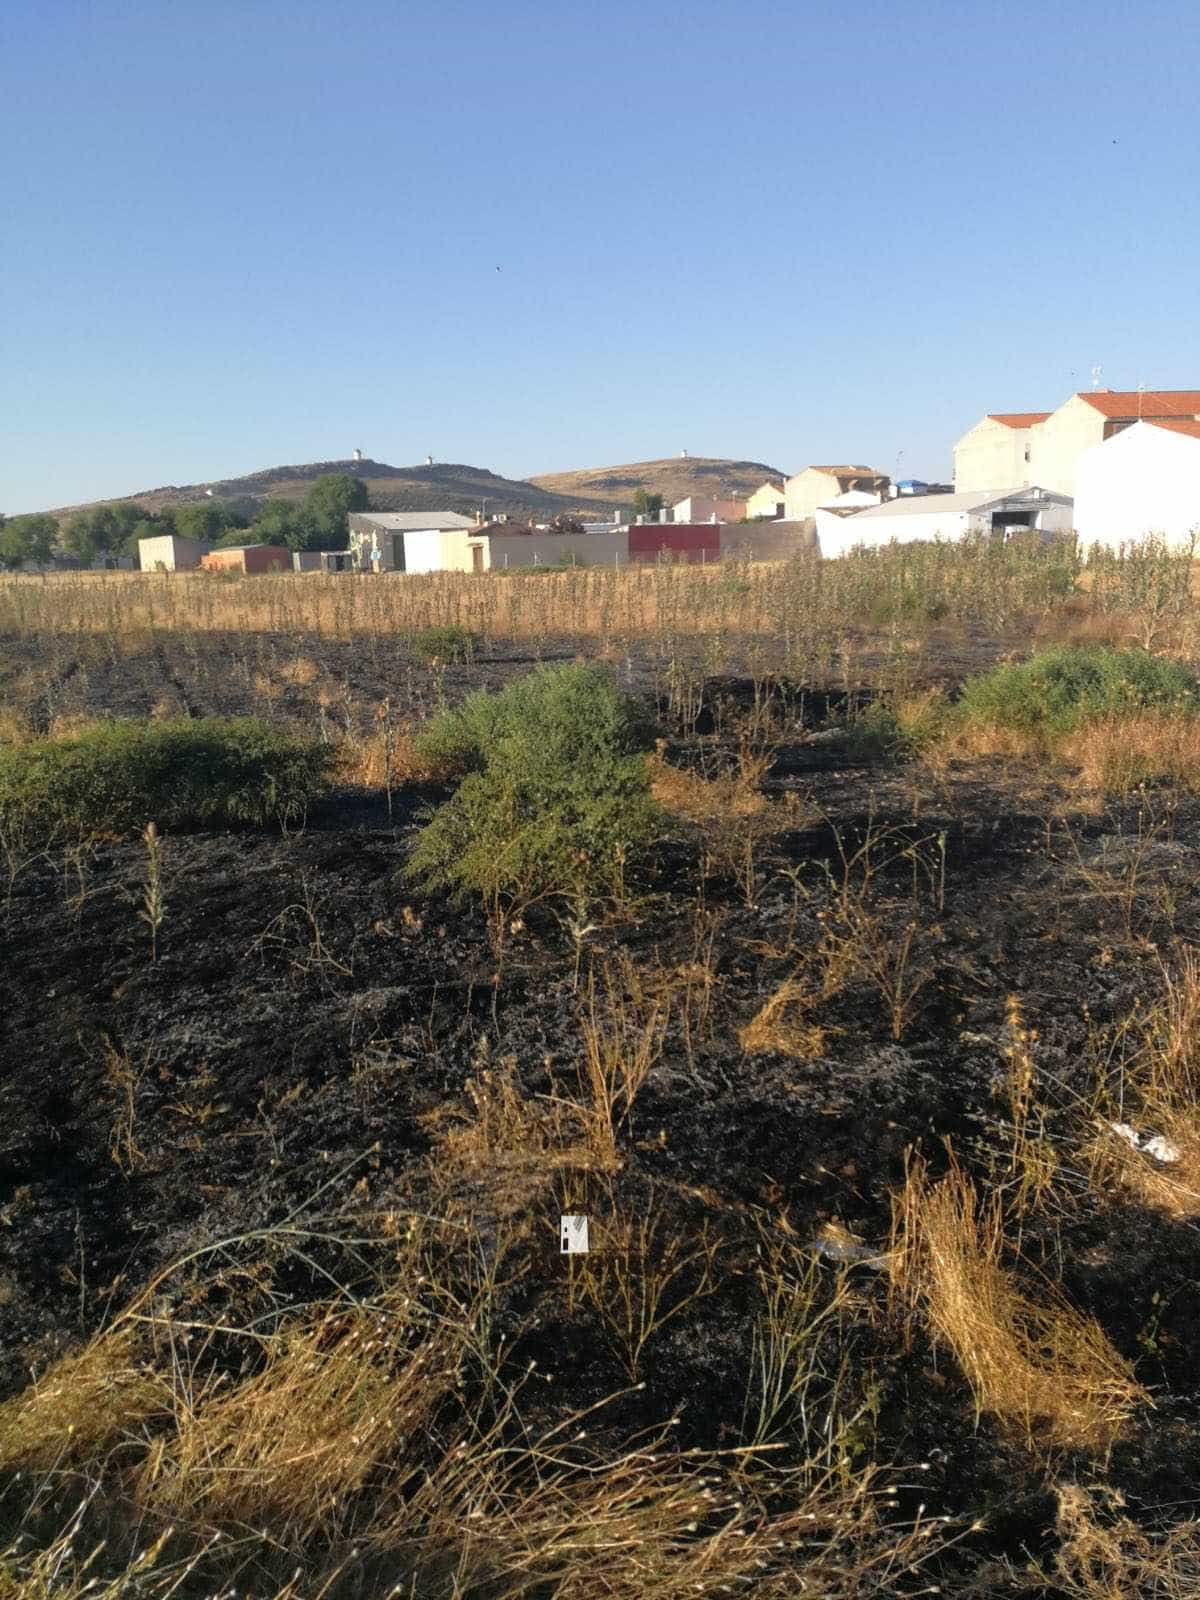 incendio extinguido en herencia cerca calle molinos 2 - Extinguido un incendio de la broza de una parcela en Herencia